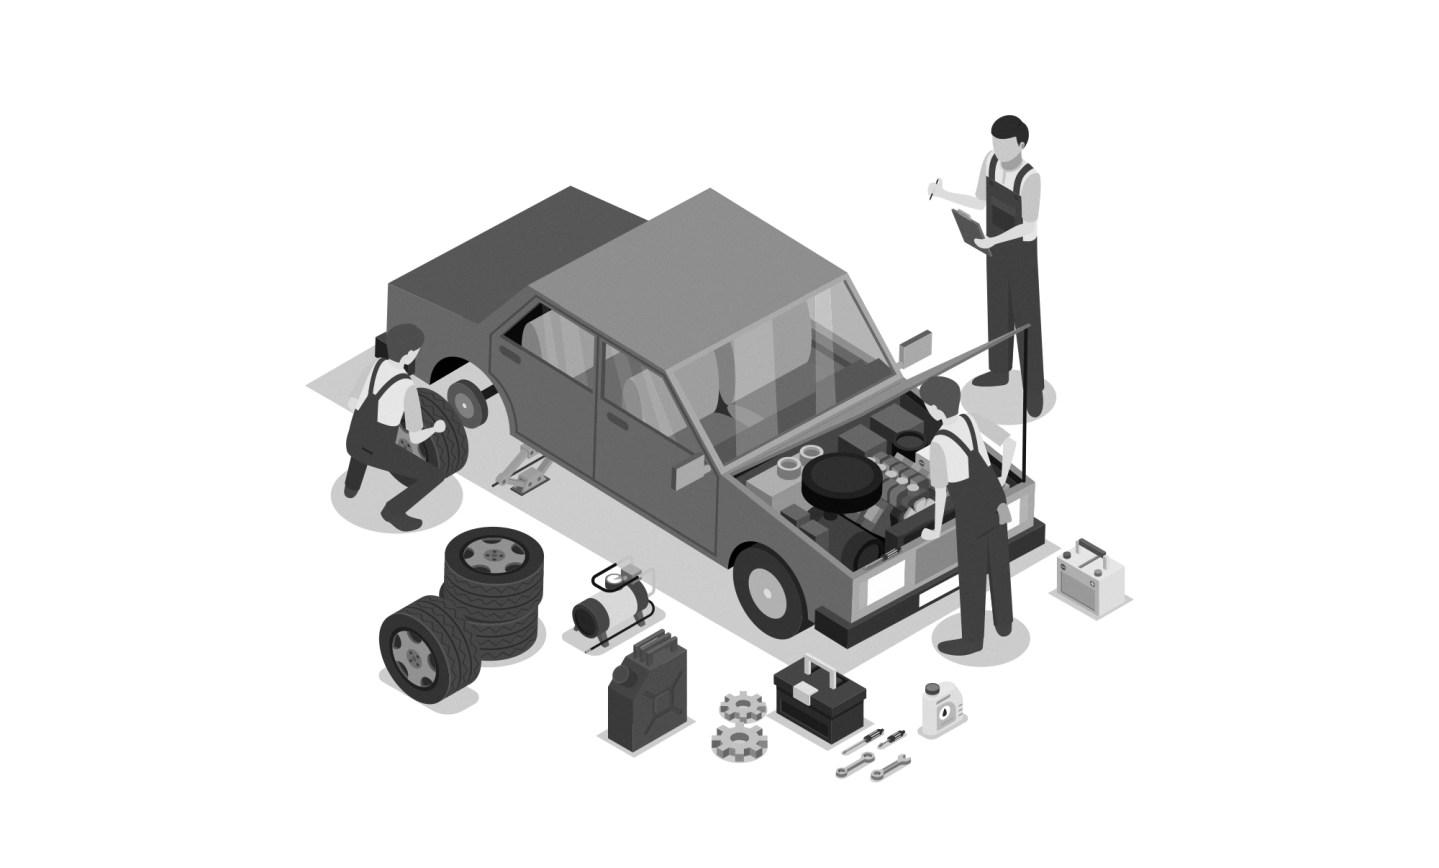 Aplicadores são protagonistas da nova campanha da Bosch